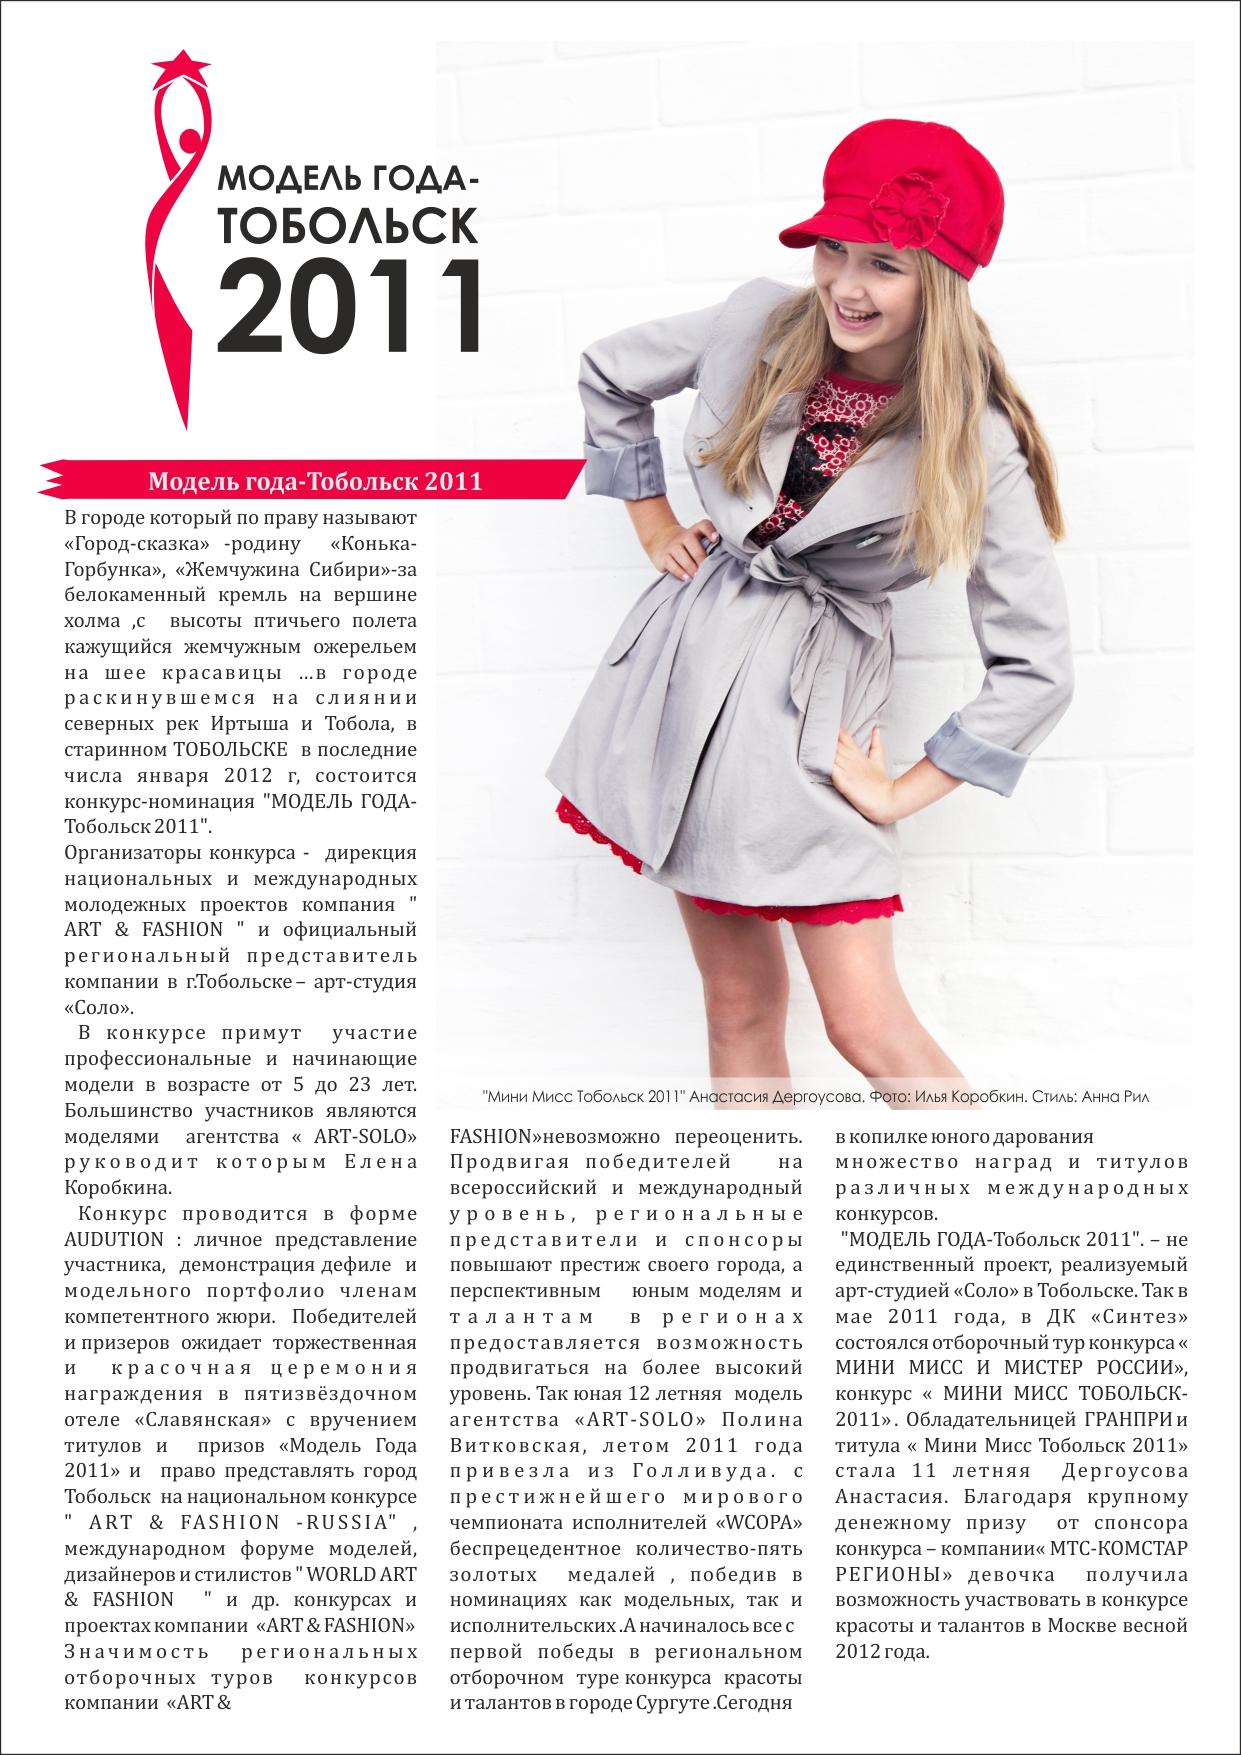 006+Модель+года+тобольск+2011.jpg